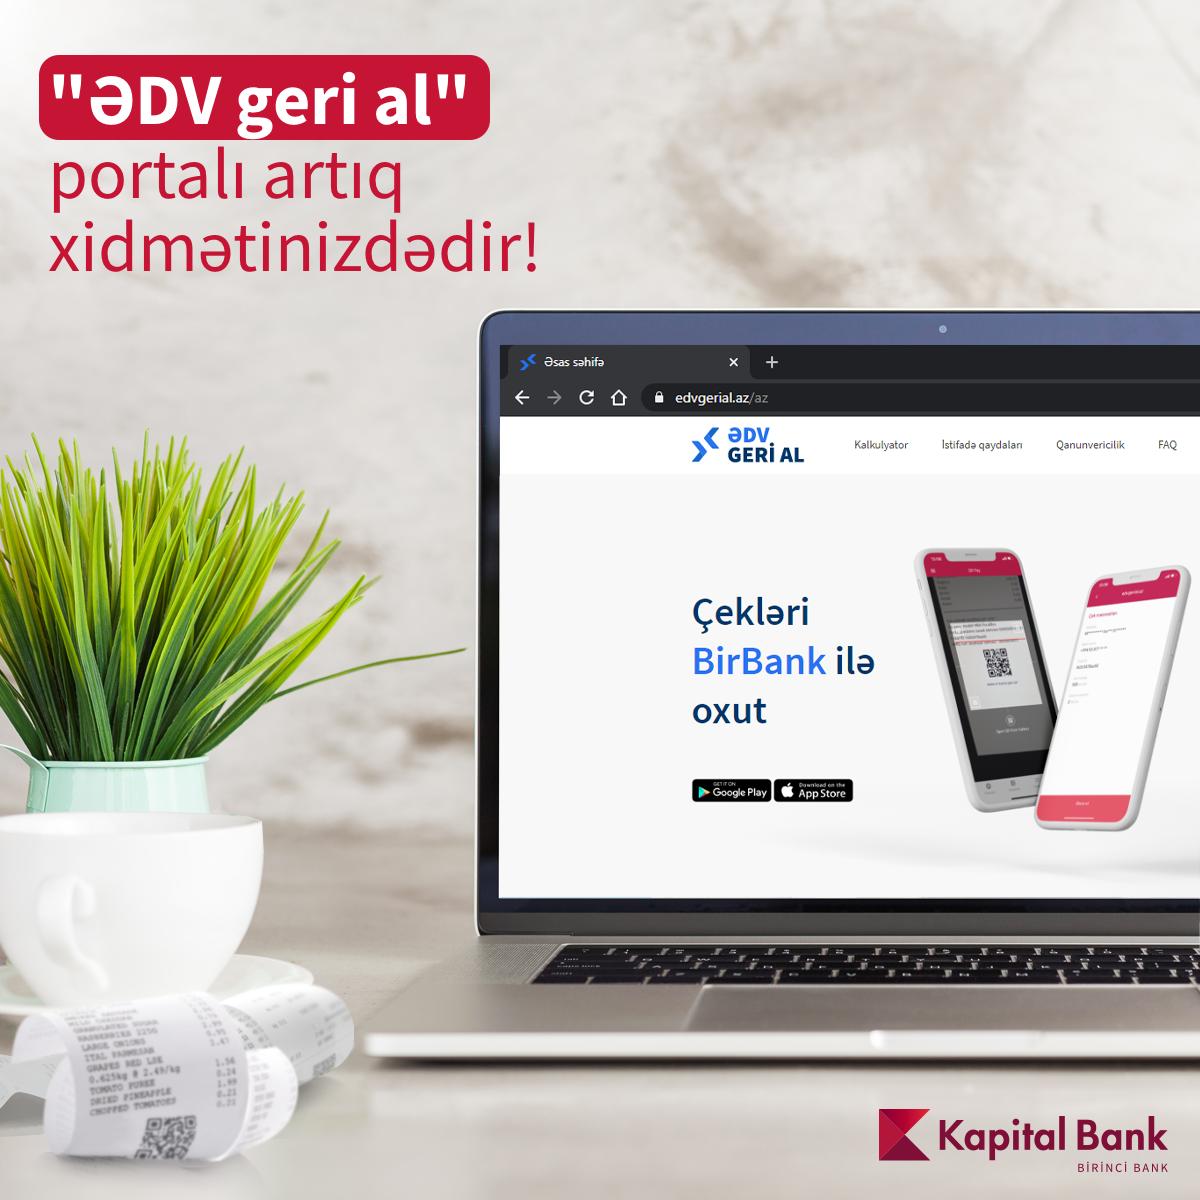 Налоговая служба при финансовом партнерстве Kapital Bank будет возвращать часть НДС